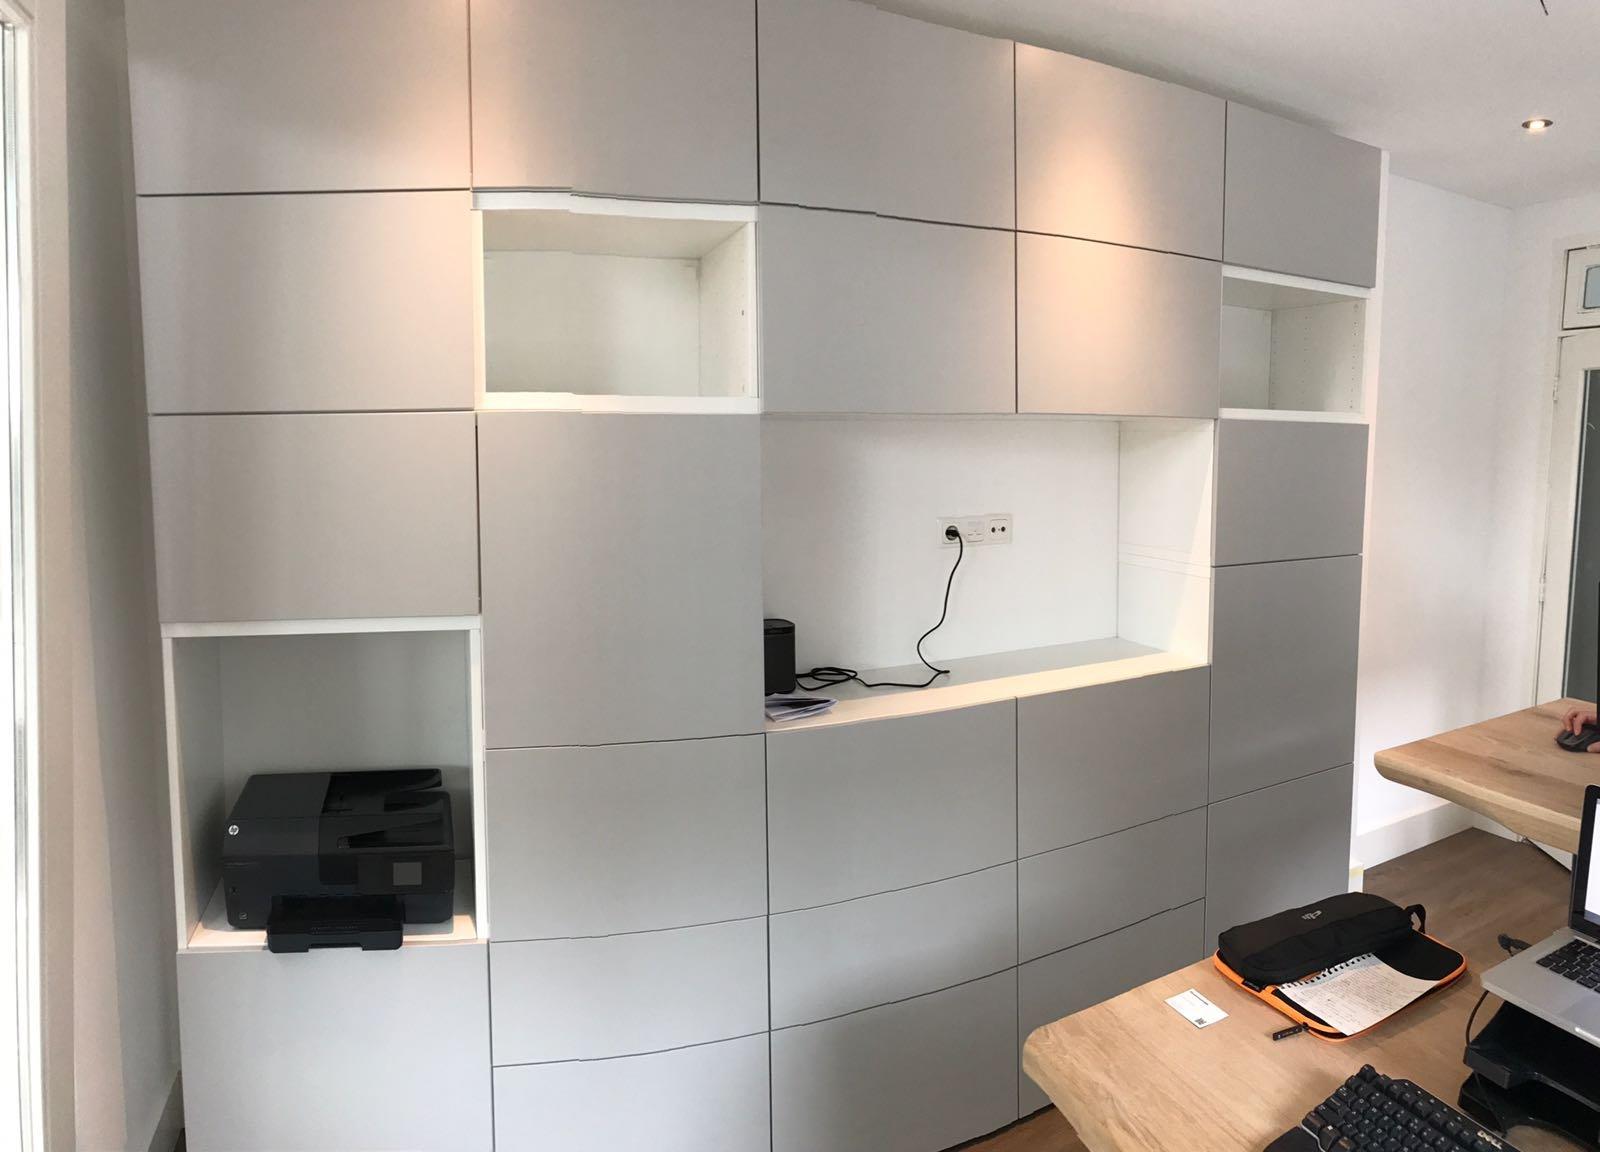 Besta Ikea Kast In Elkaar Zetten Werkspot